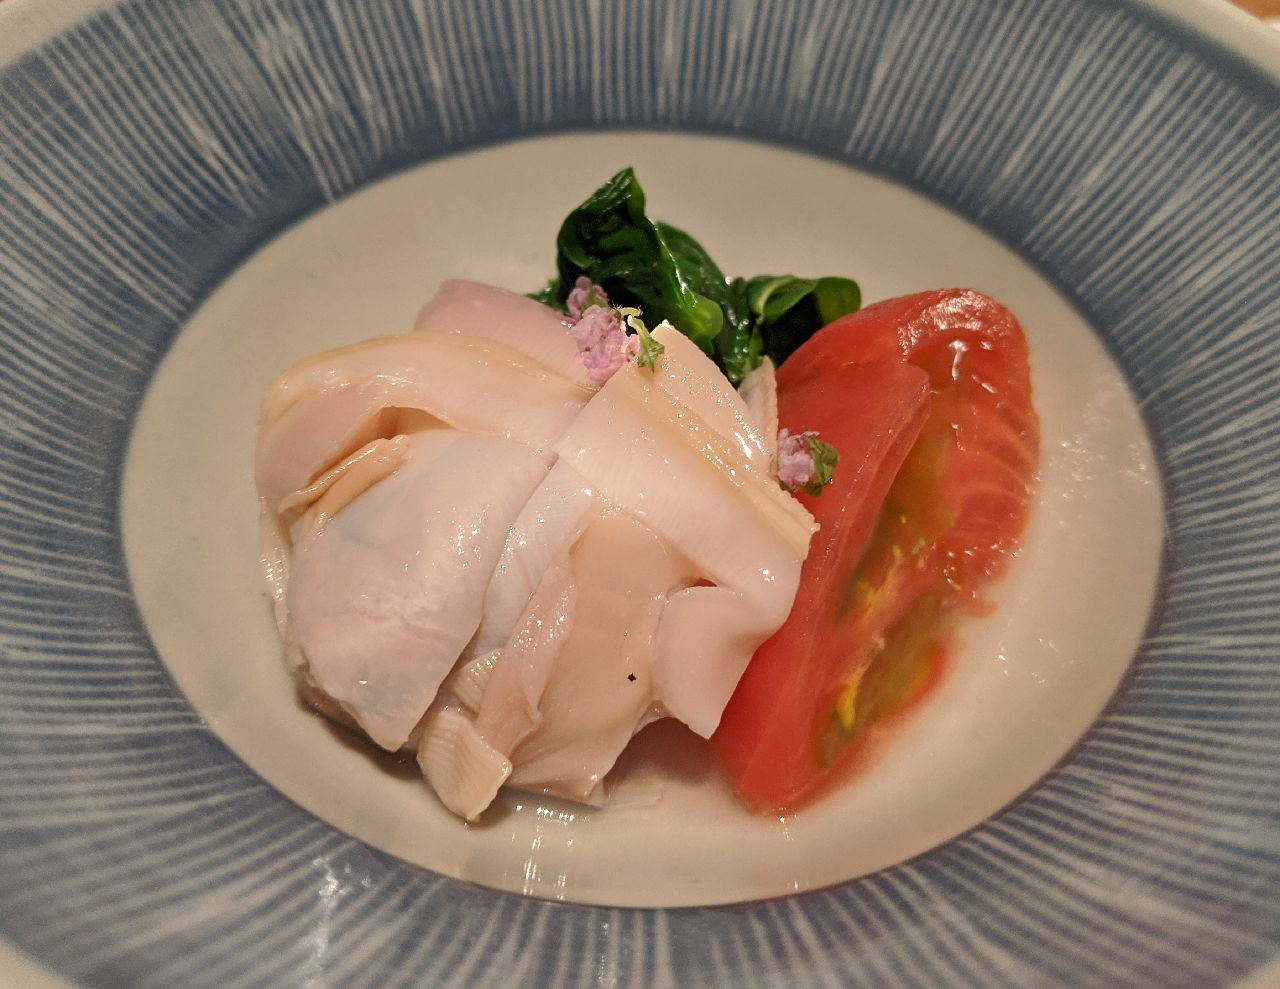 MVIMG_20200711_203343はまぐり、夏野菜炊合せ(フルーツトマト、つるむらさき、ズッキーニ)